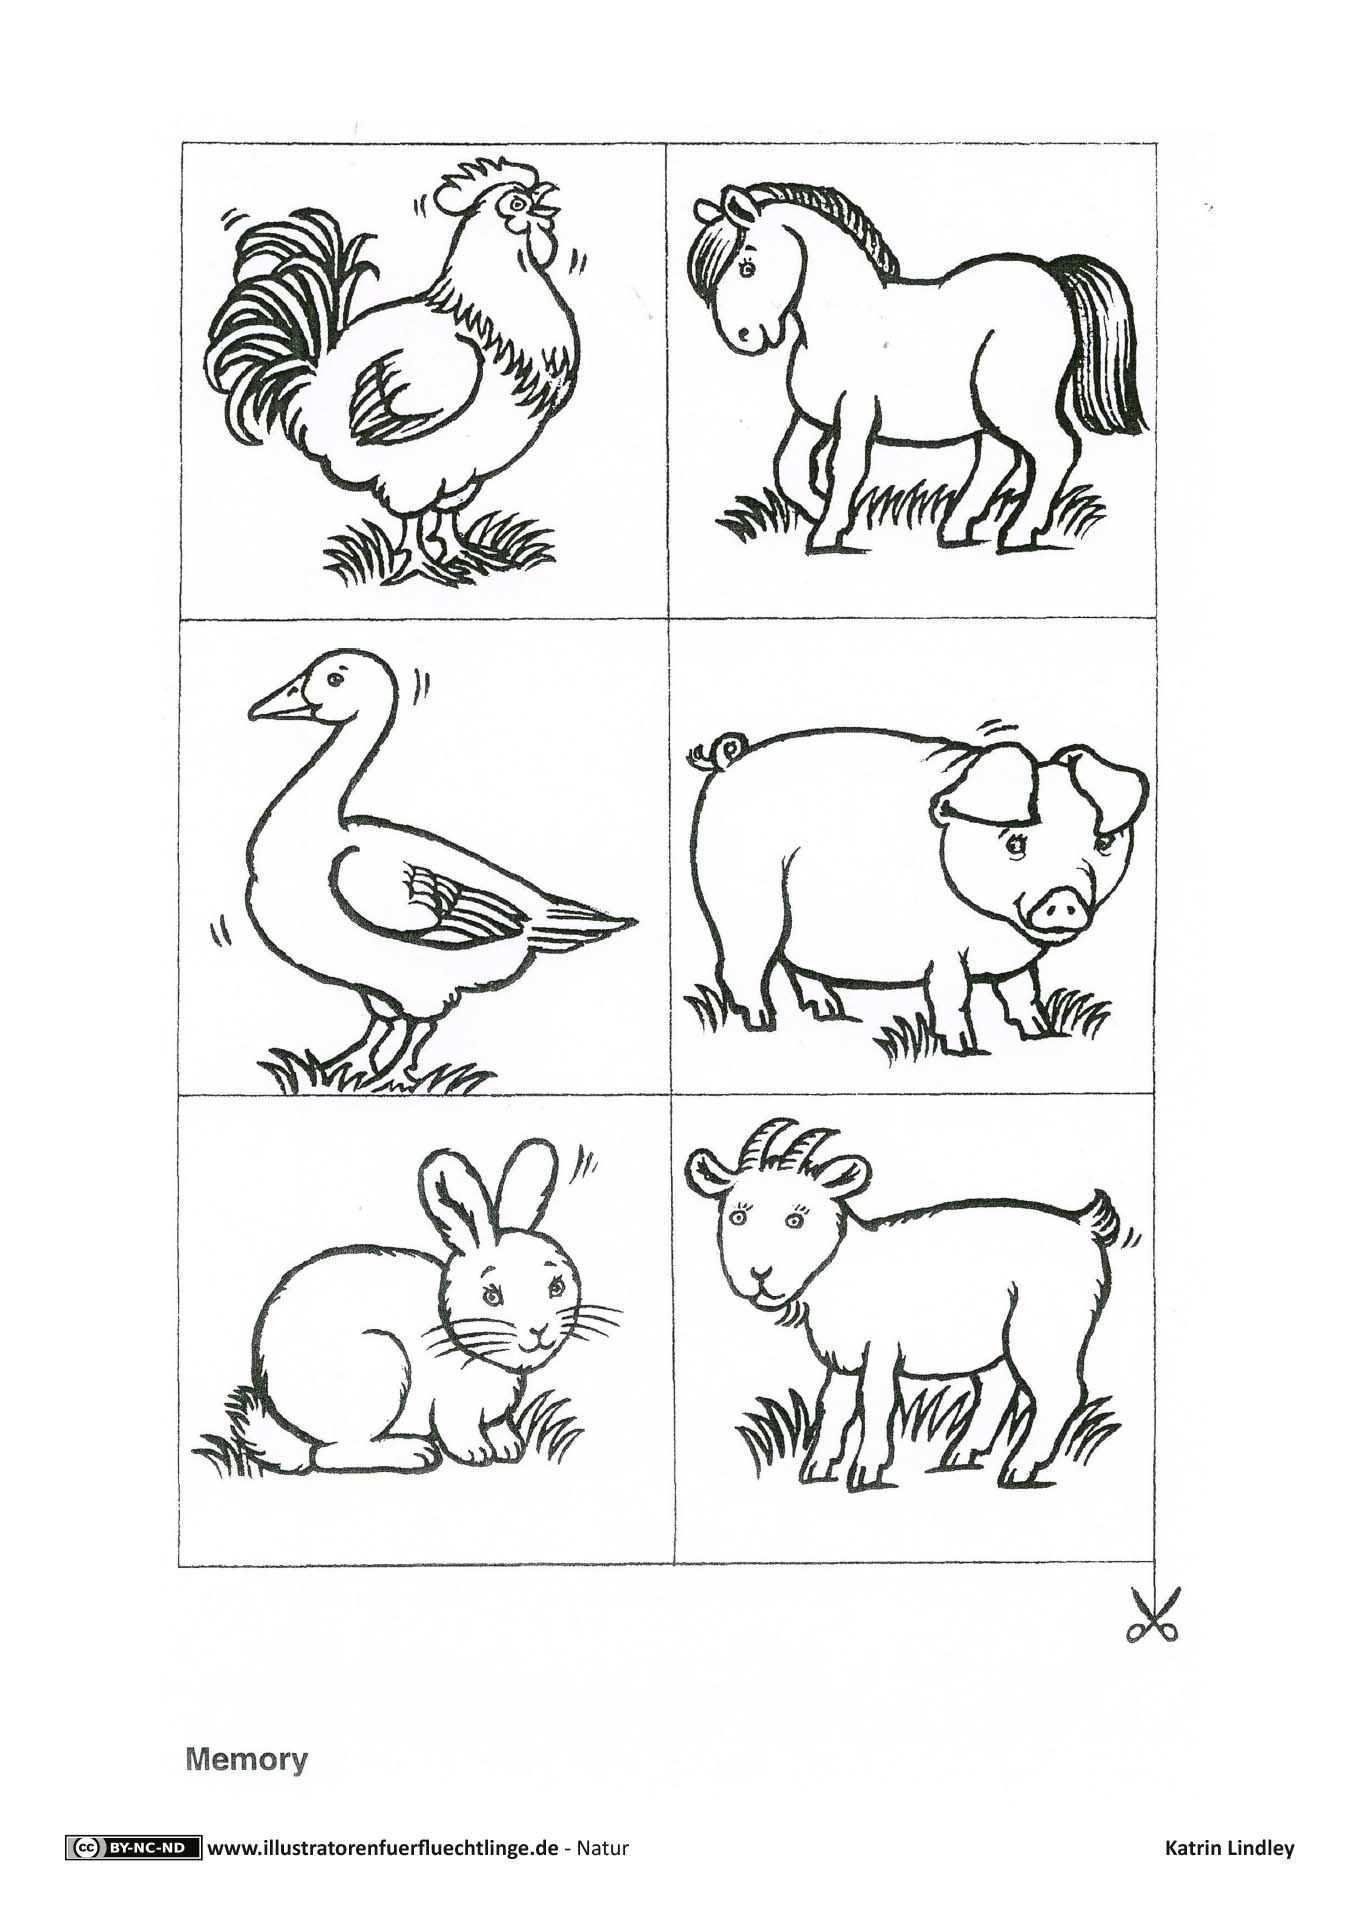 Download Als Pdf 2 Seiten Natur Bauernhof Tiere Memory Lindley Bauernhof Tiere Thema Bauernhof Bauernhof